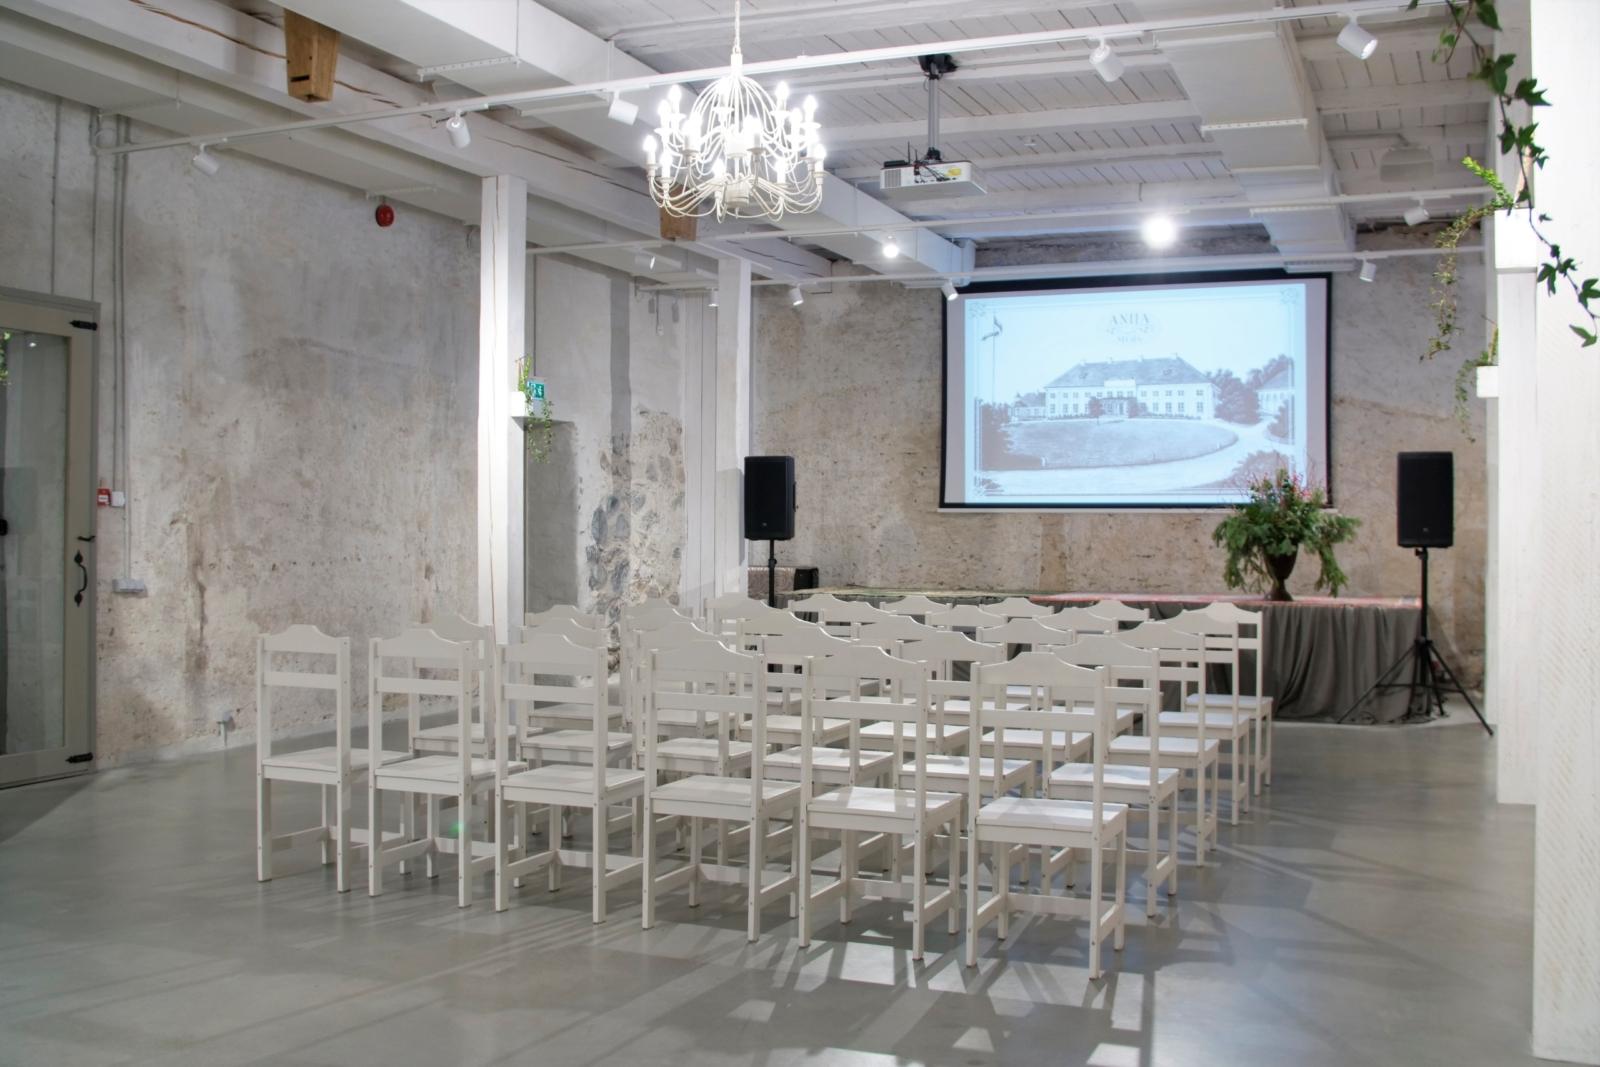 Anija mõisa ait-sündmuskeskus seminar, konverents